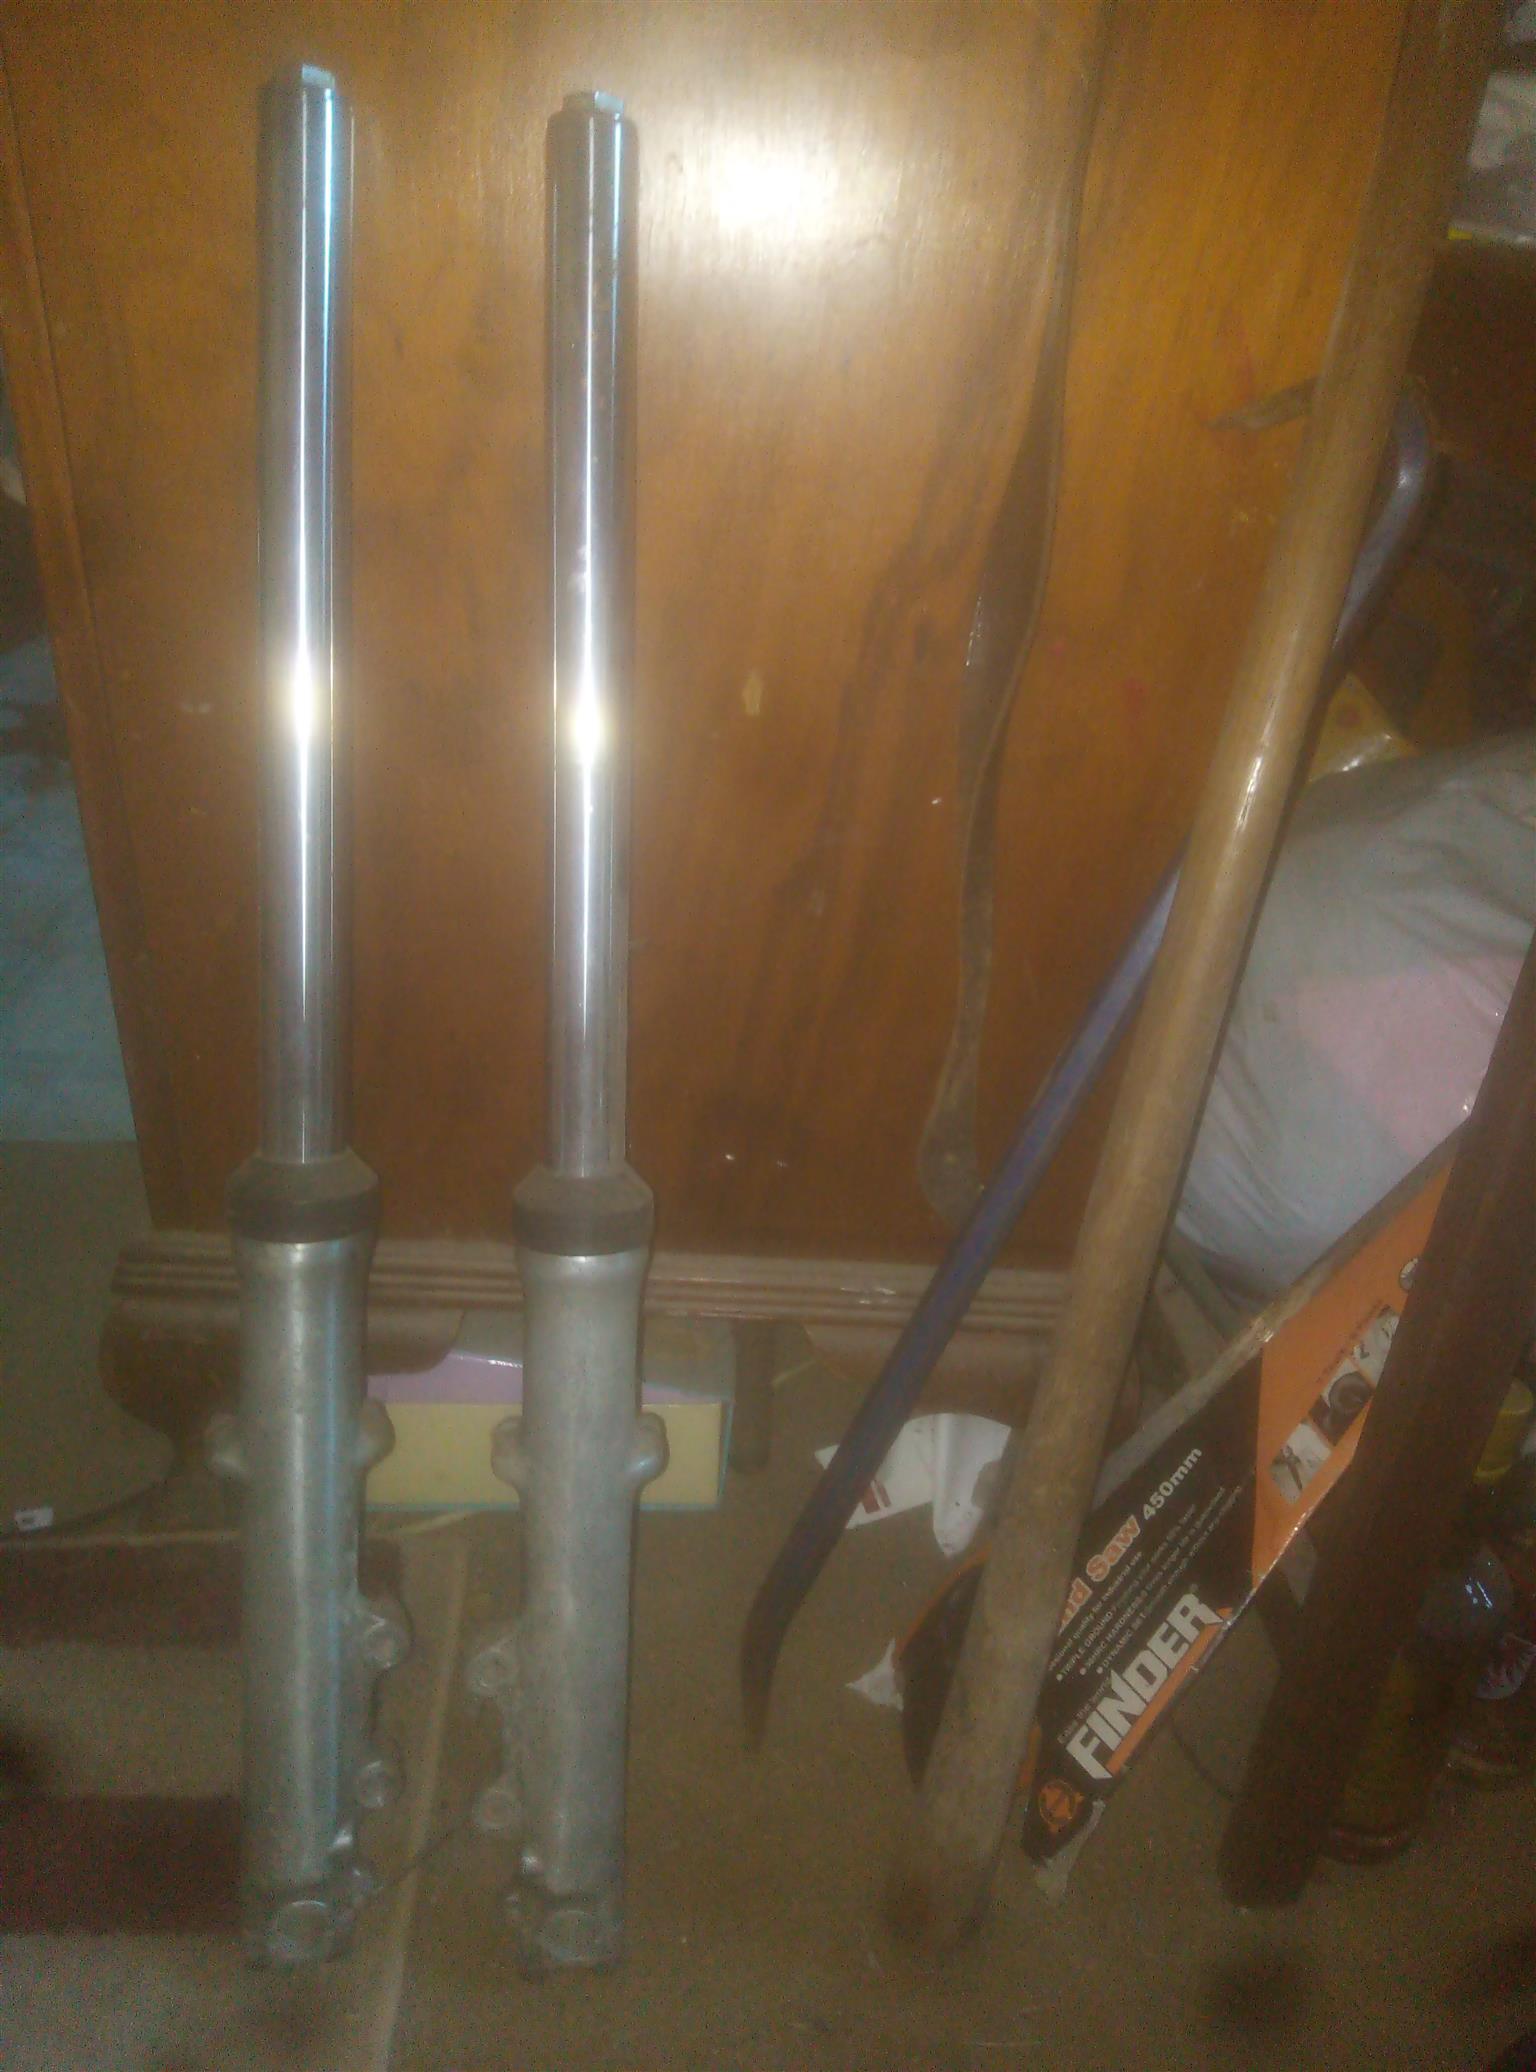 Front forks